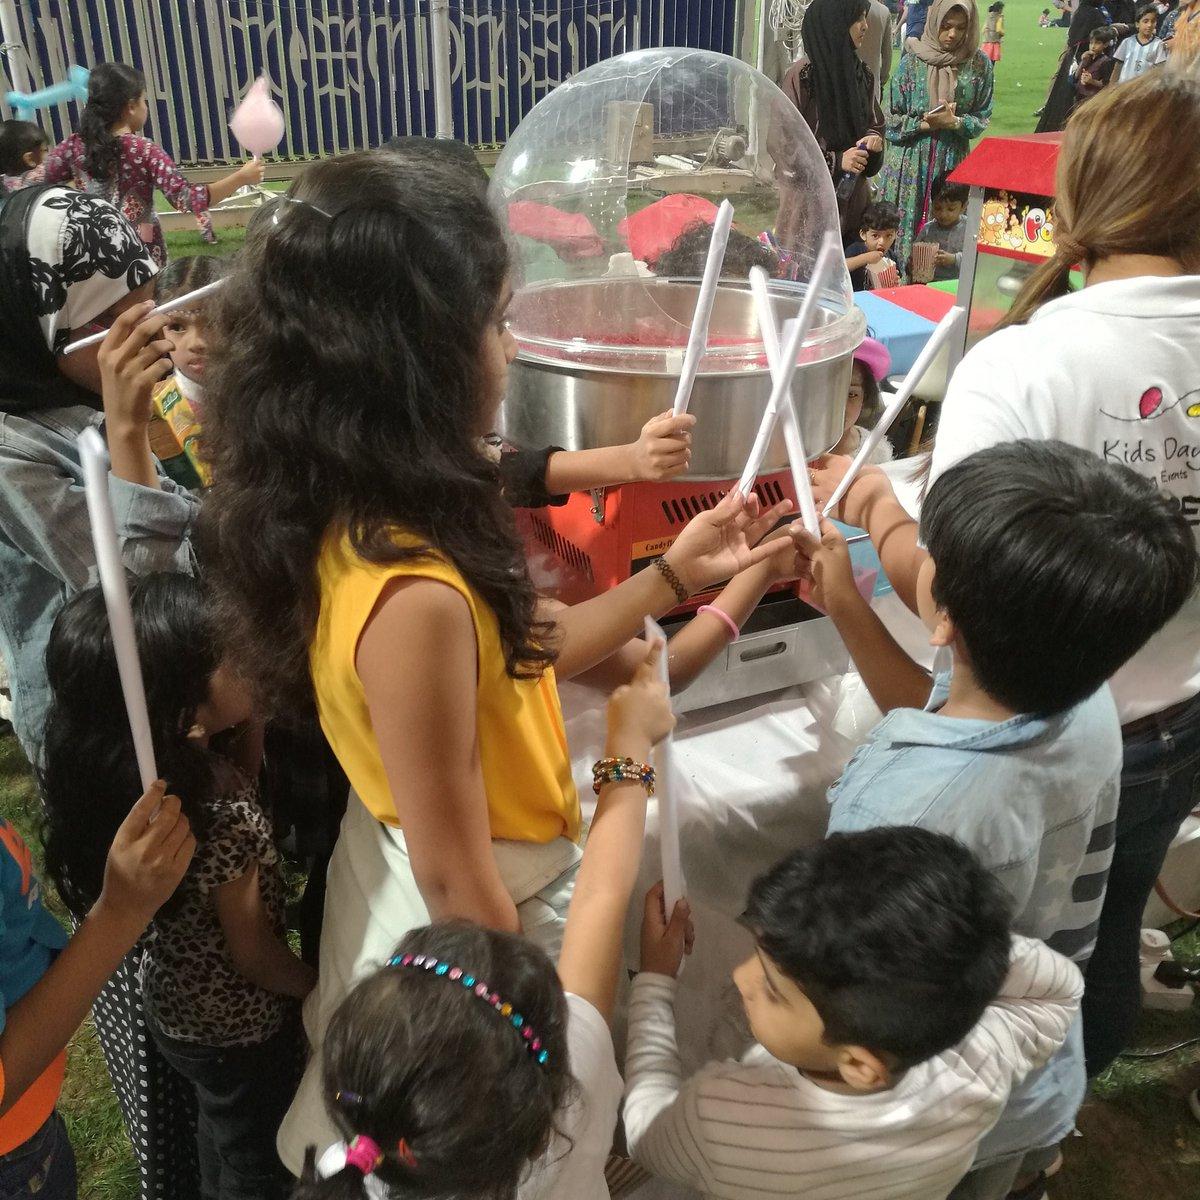 Kids Party Planner #AbuDhabi   #abudhabimums #birthdayparty #birthdaygirl #birthdayboy    #حفلات_اطفال #حفلات #اعياد_ميلاد #ابوظبي #امهات https://t.co/3l3N90VCZG